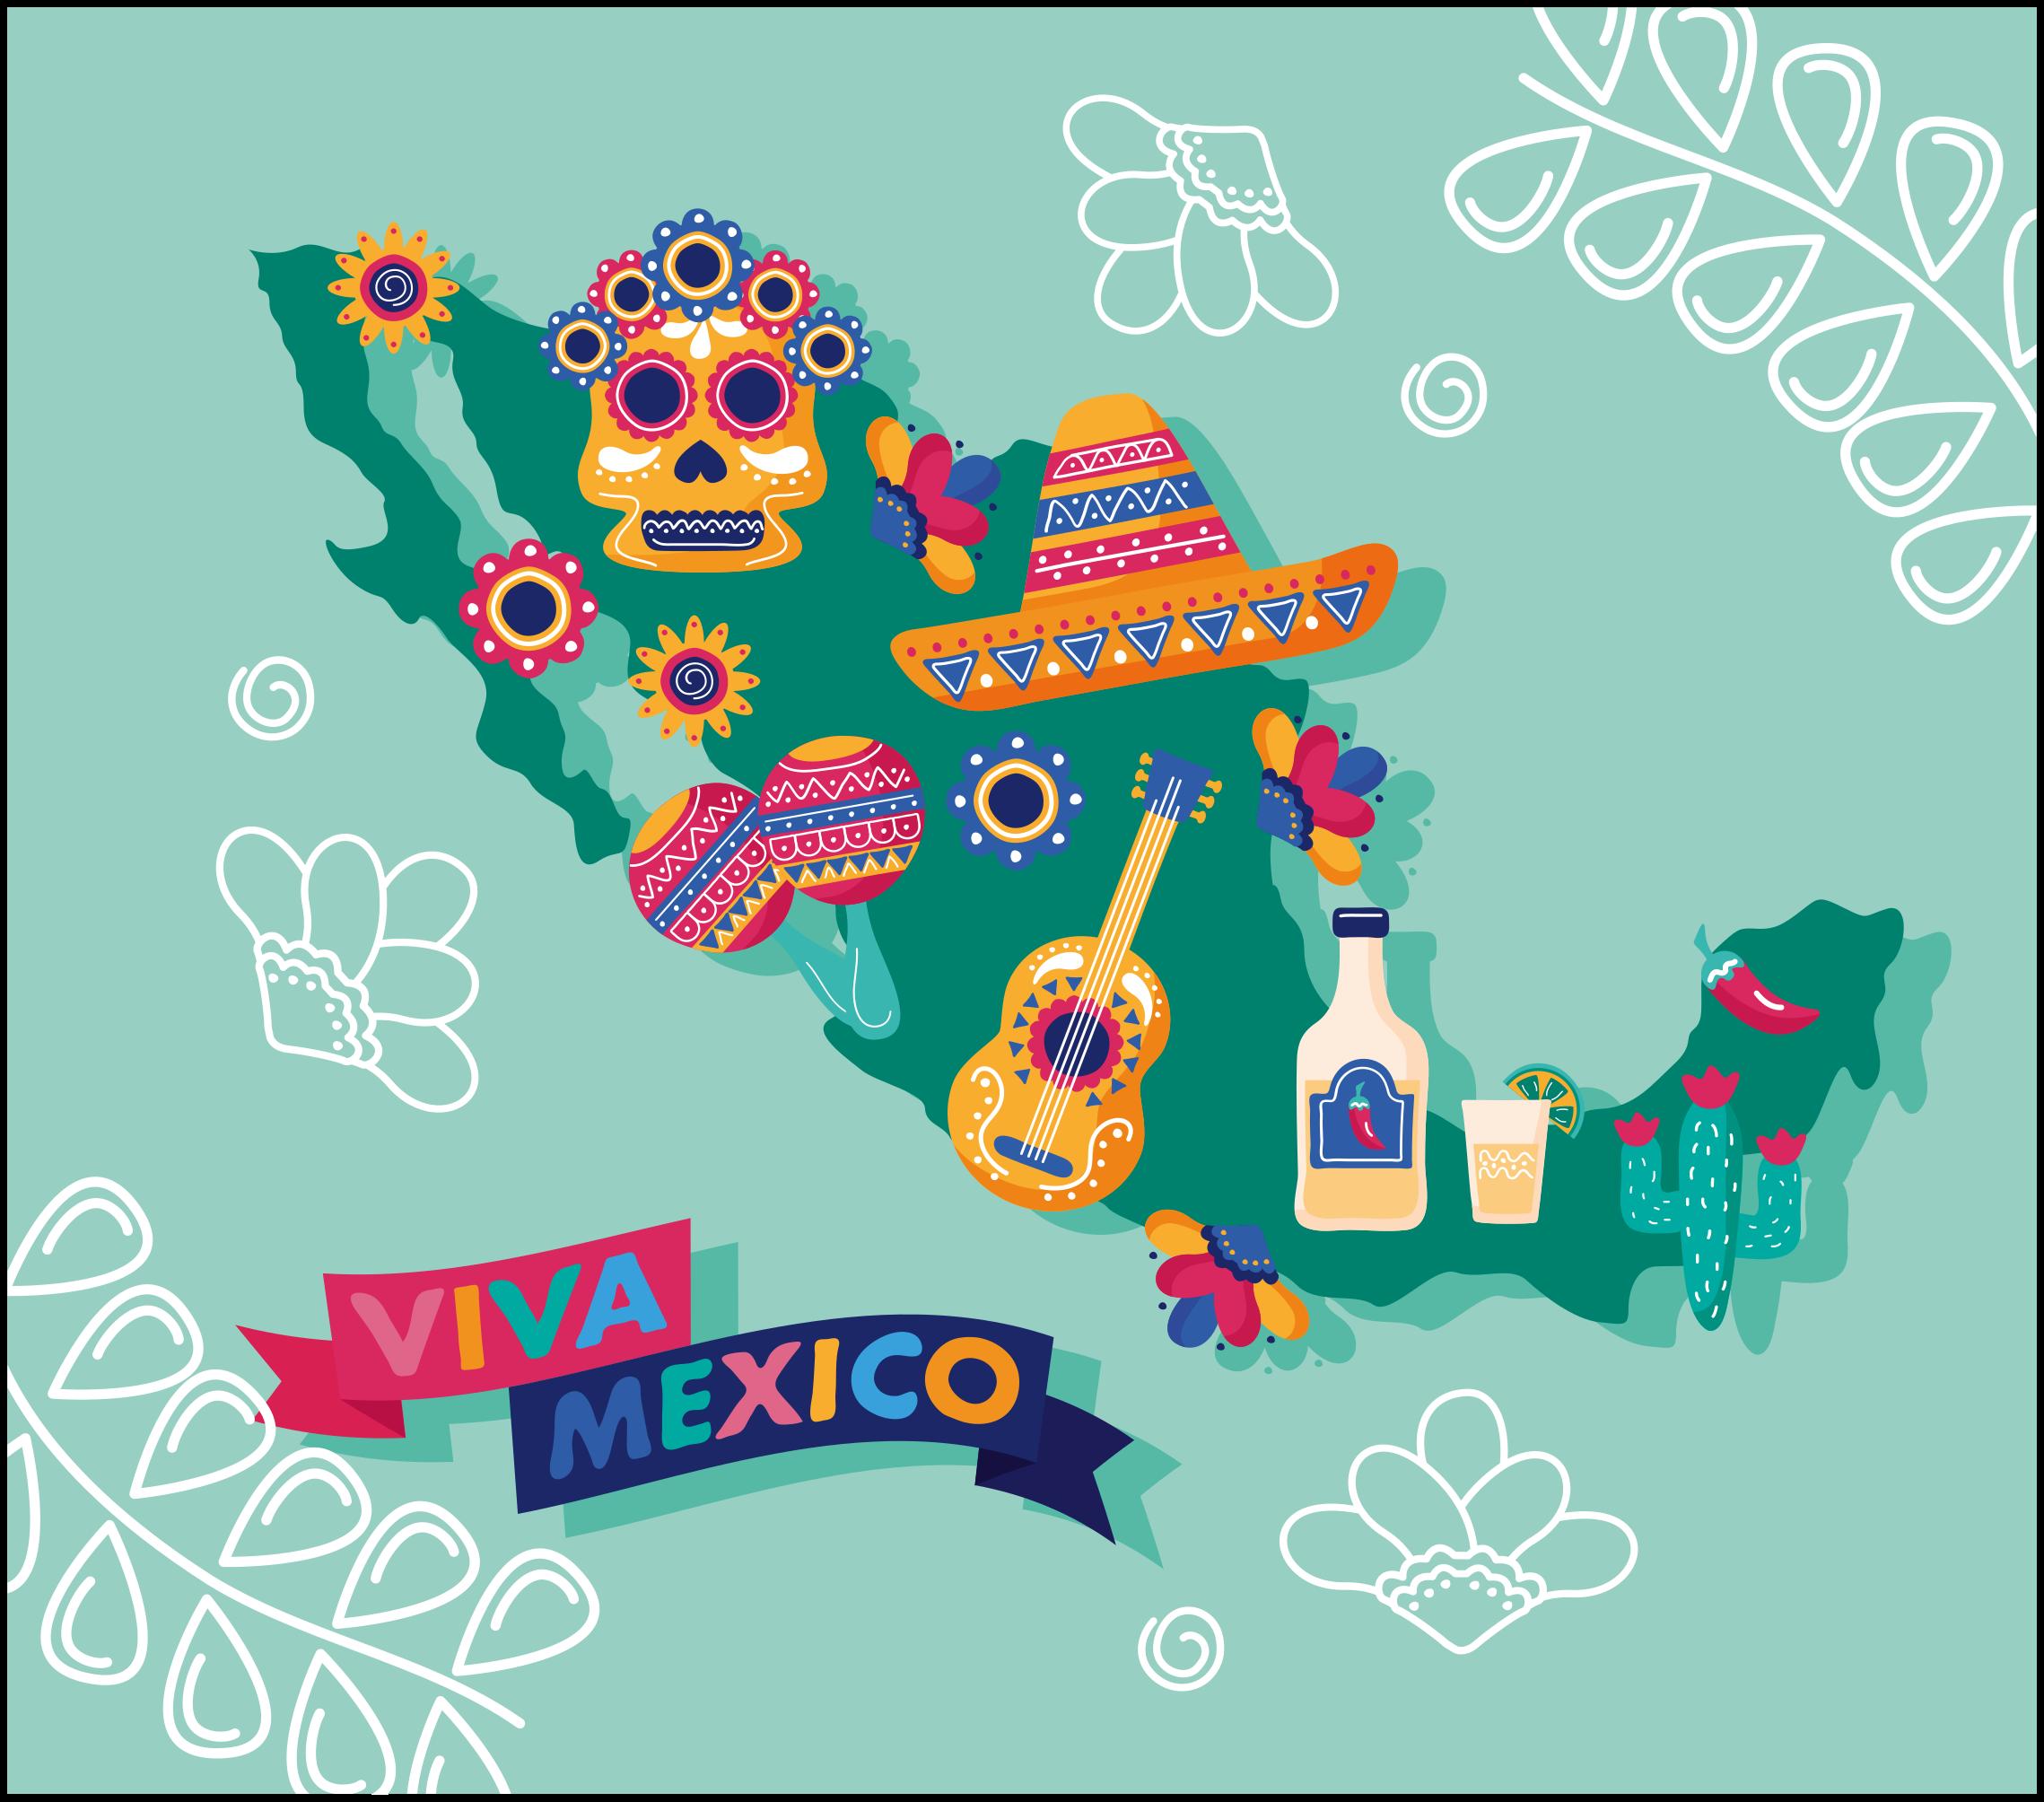 """TenVinilo. Alfombra vinílica mapamundi cultura mexicana. Alfombra vinílica mapamundi de cultura mexicana con tonos turquesas y la frase """"VIVA MÉXICO"""" para tu salón o dormitorio ¡Envío exprés!"""